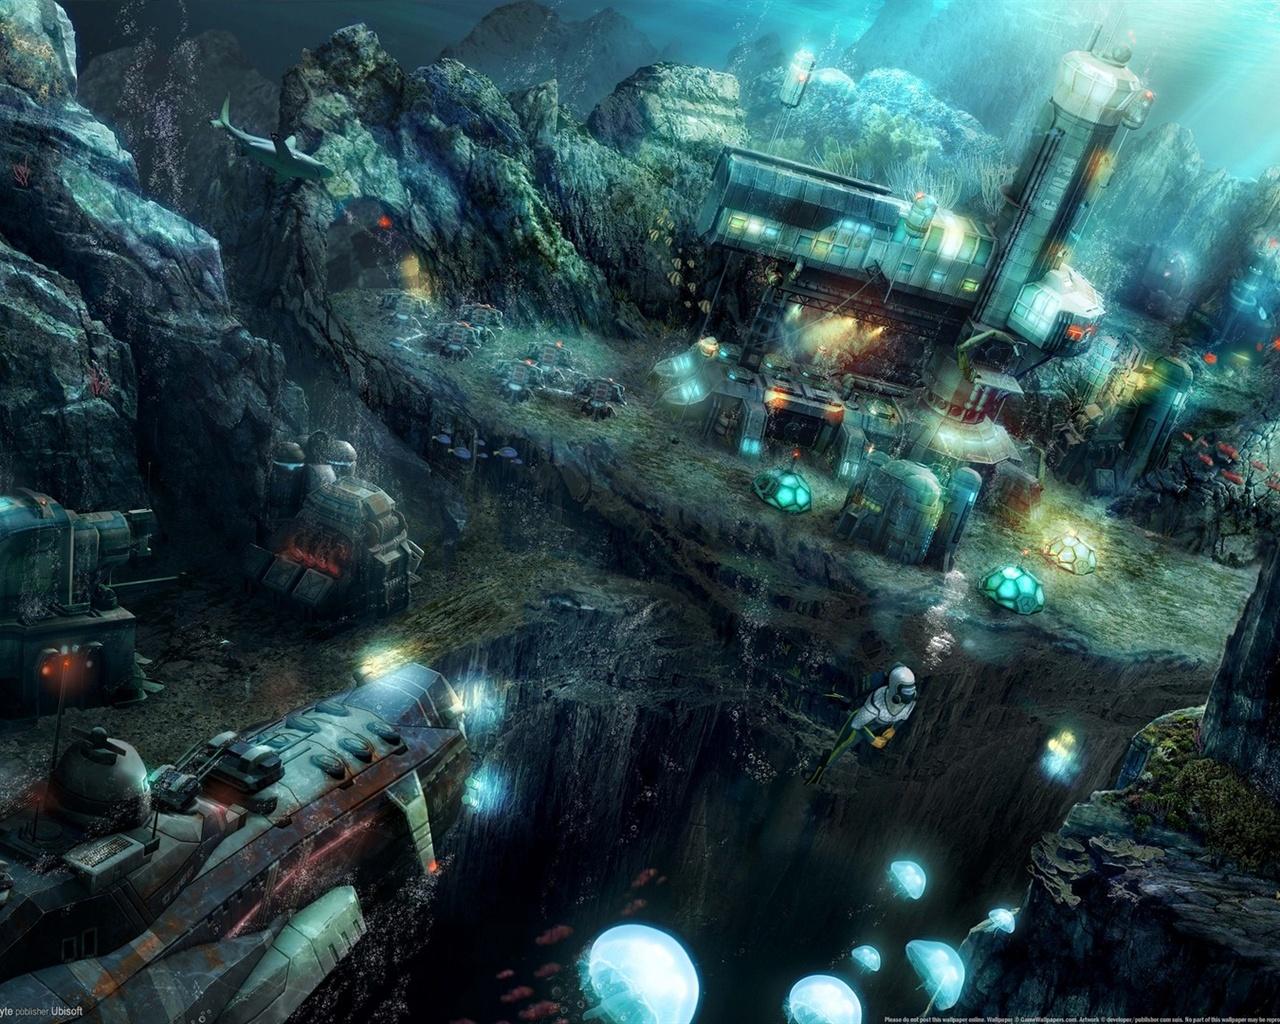 纪元2070:深海 壁纸 - 1280x1024